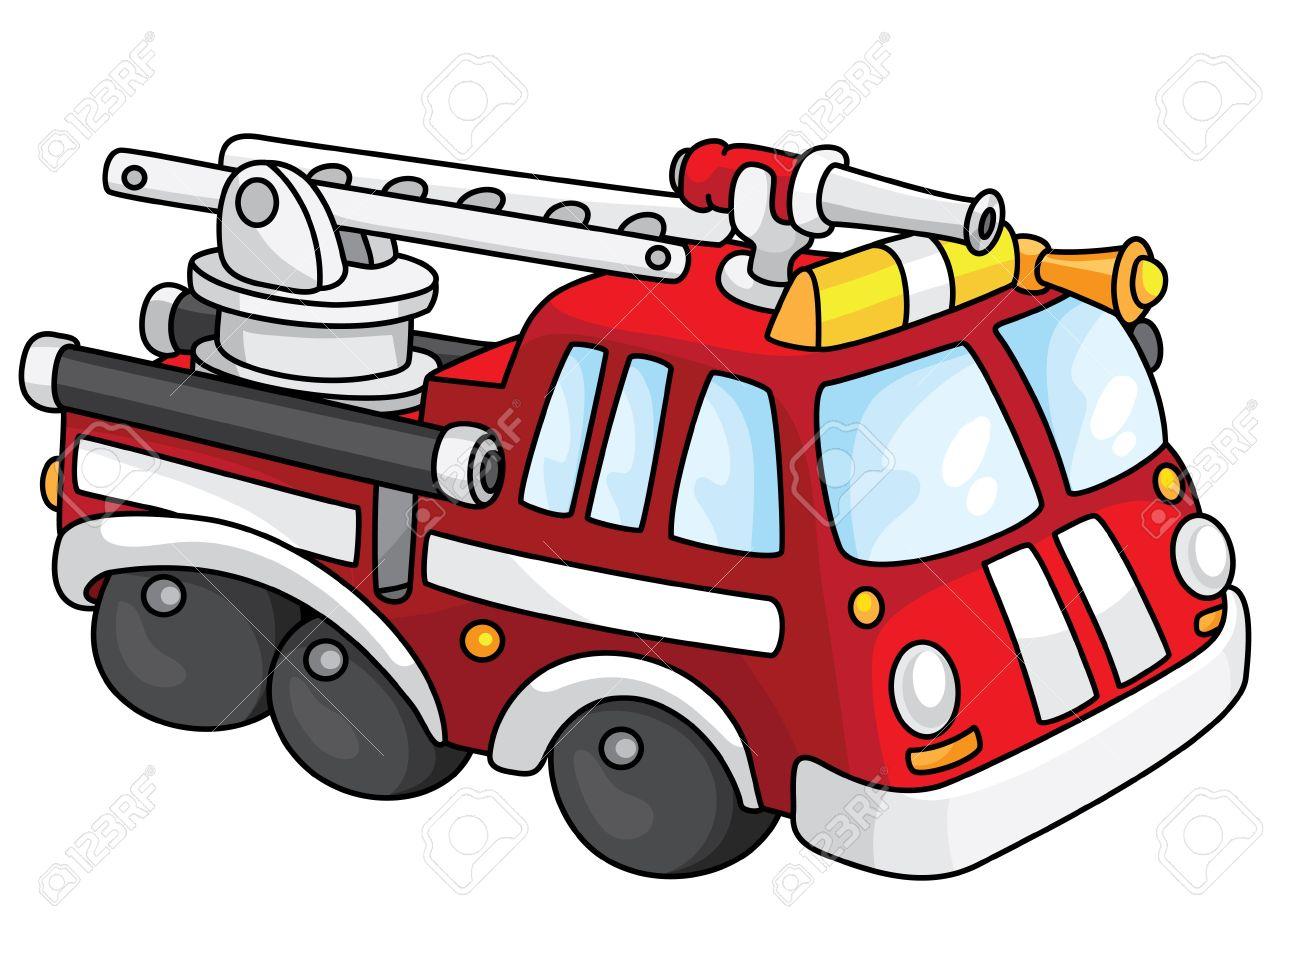 1300x955 Fire Truck Siren Clipart Amp Fire Truck Siren Clip Art Images